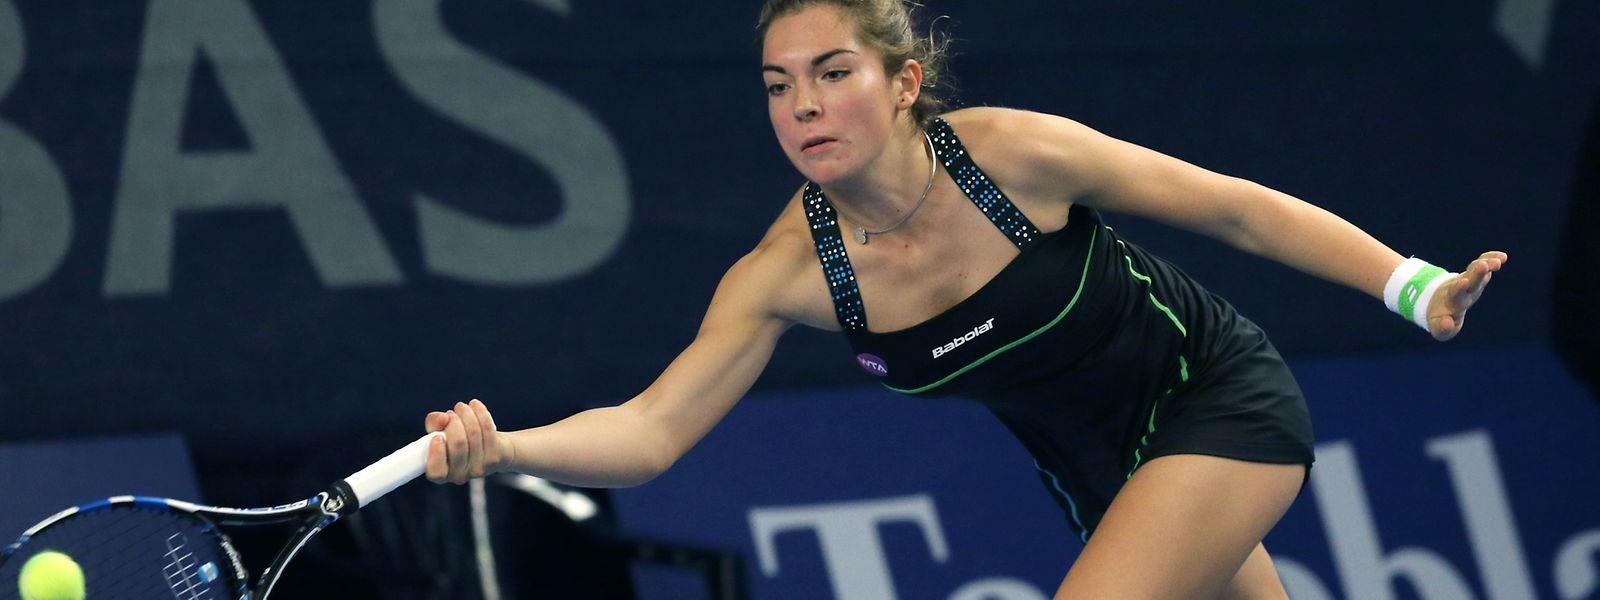 Pour Molinaro (15 ans), c'était le premier match de sa carrière dans un touroi WTA